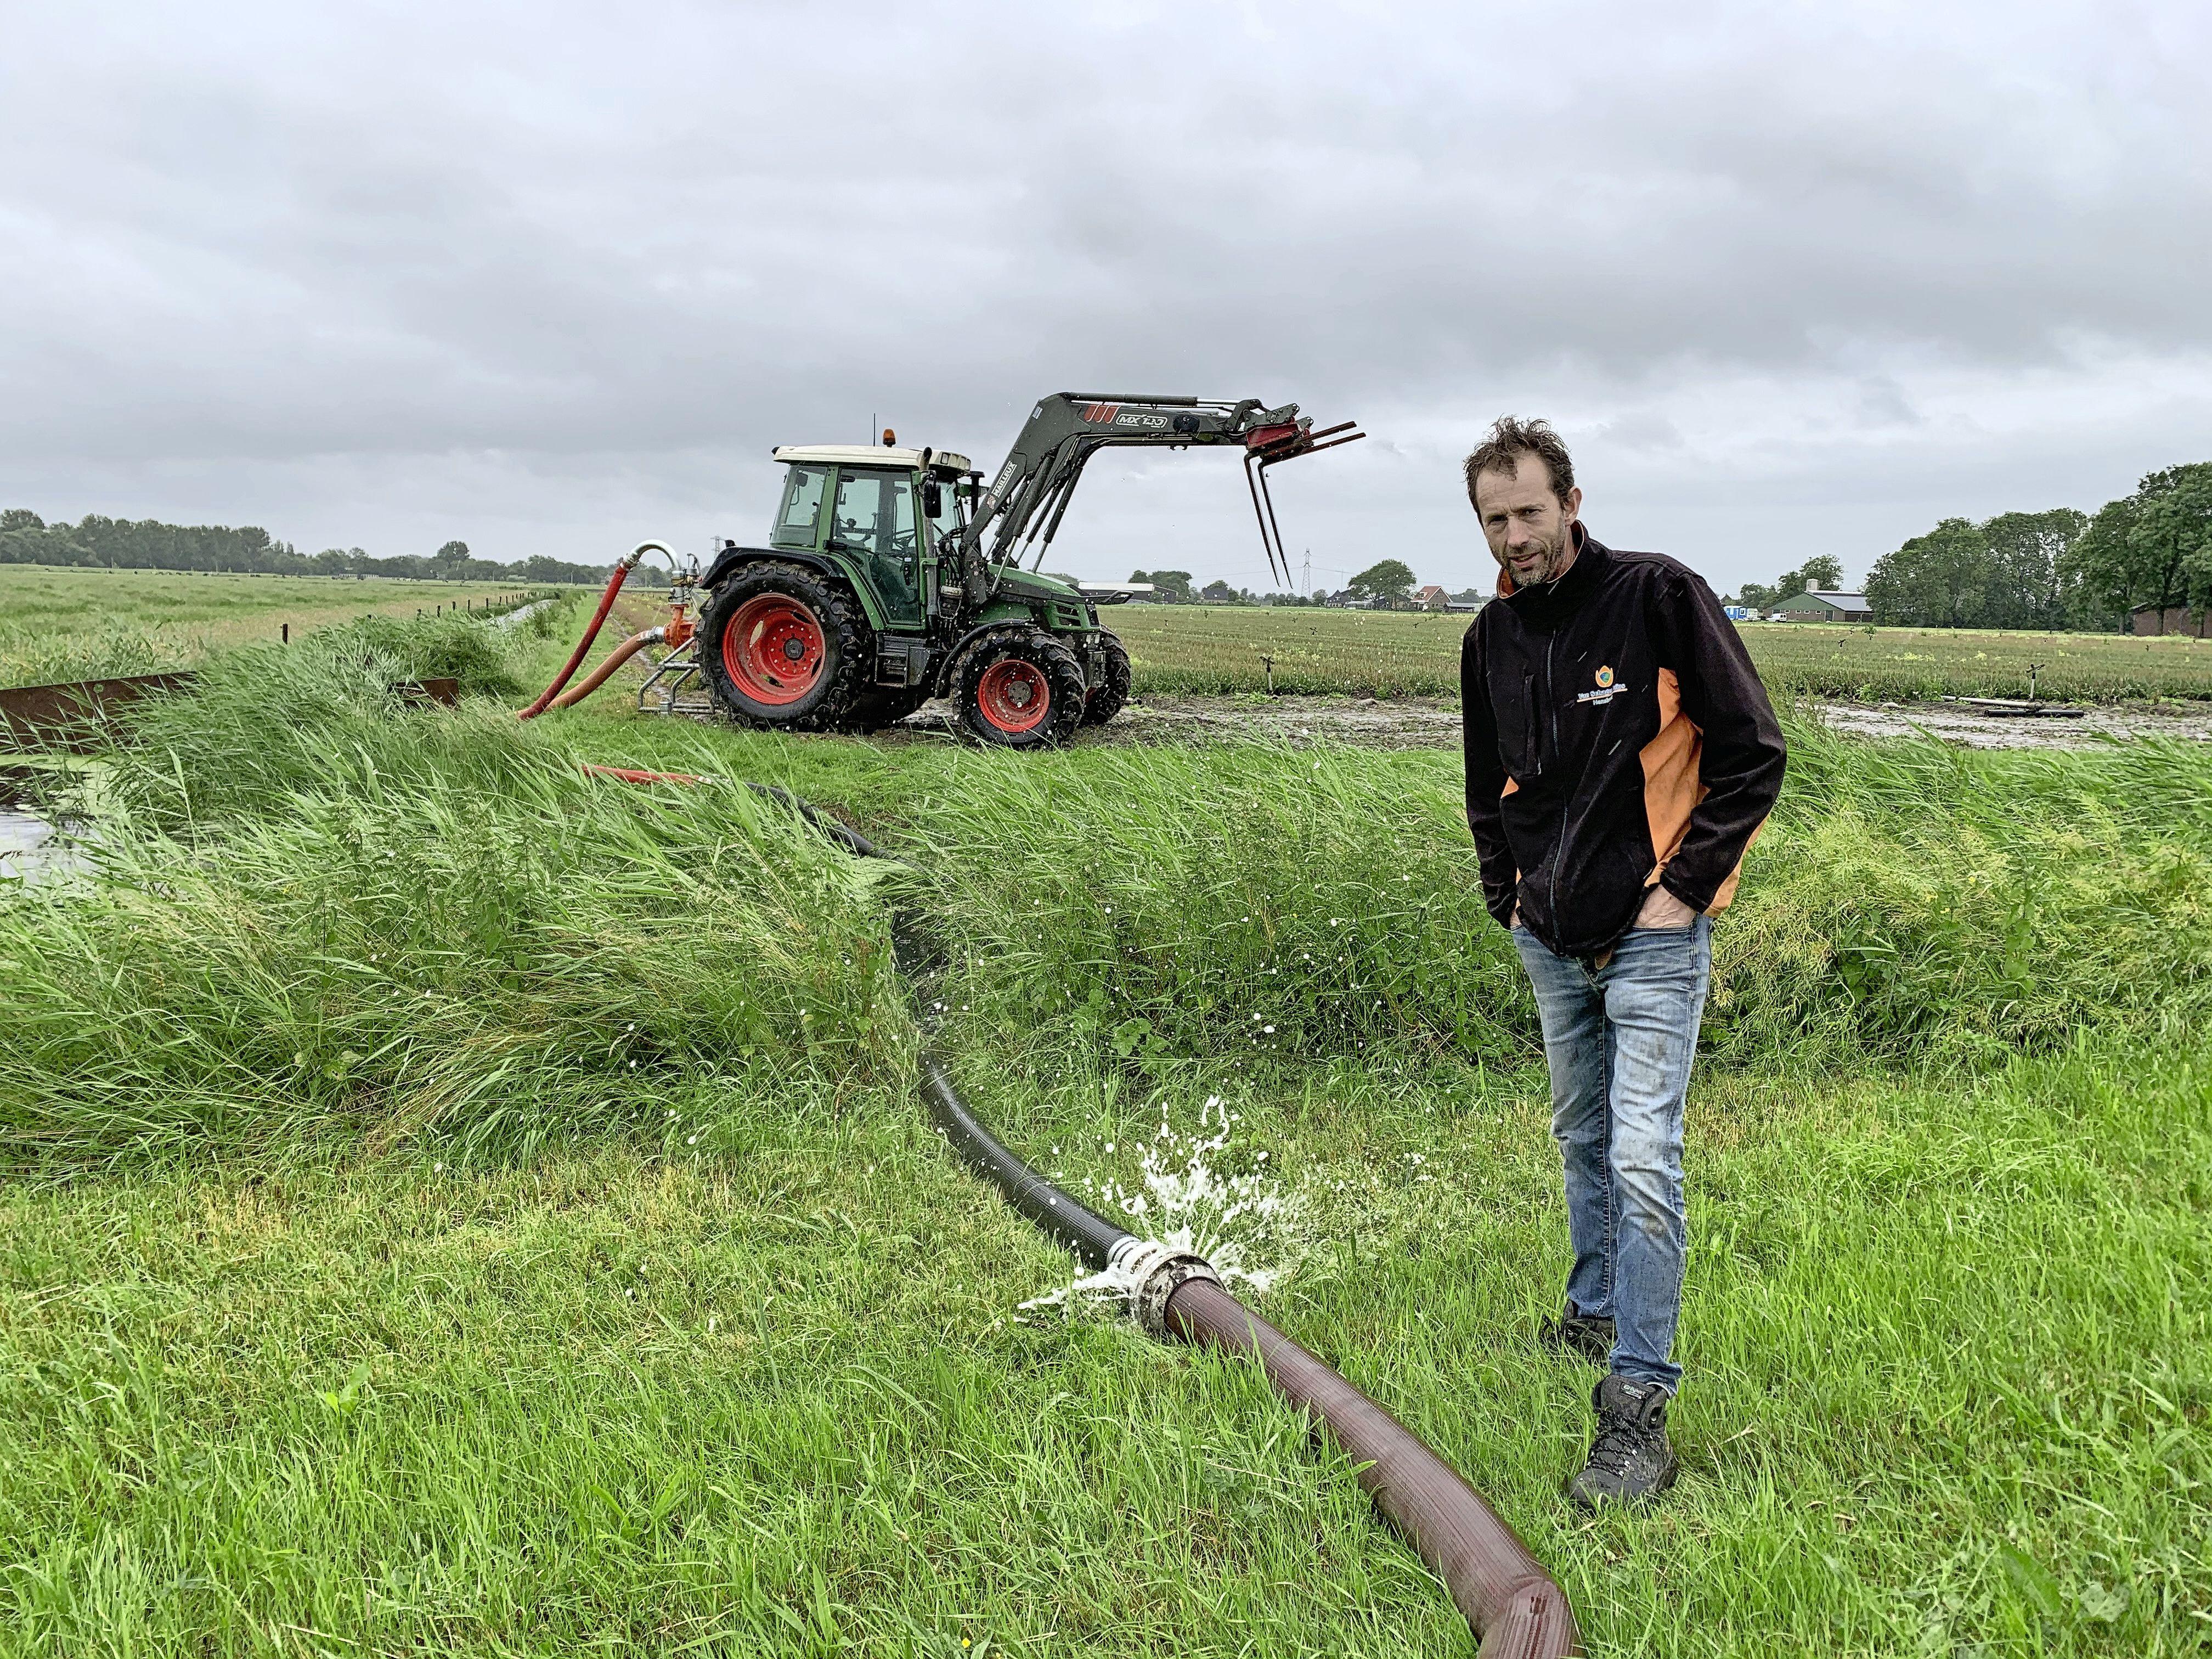 'Ons vreten staat te verzuipen op het land.' Bollenkwekers woest op het waterschap na wateroverlast [video]